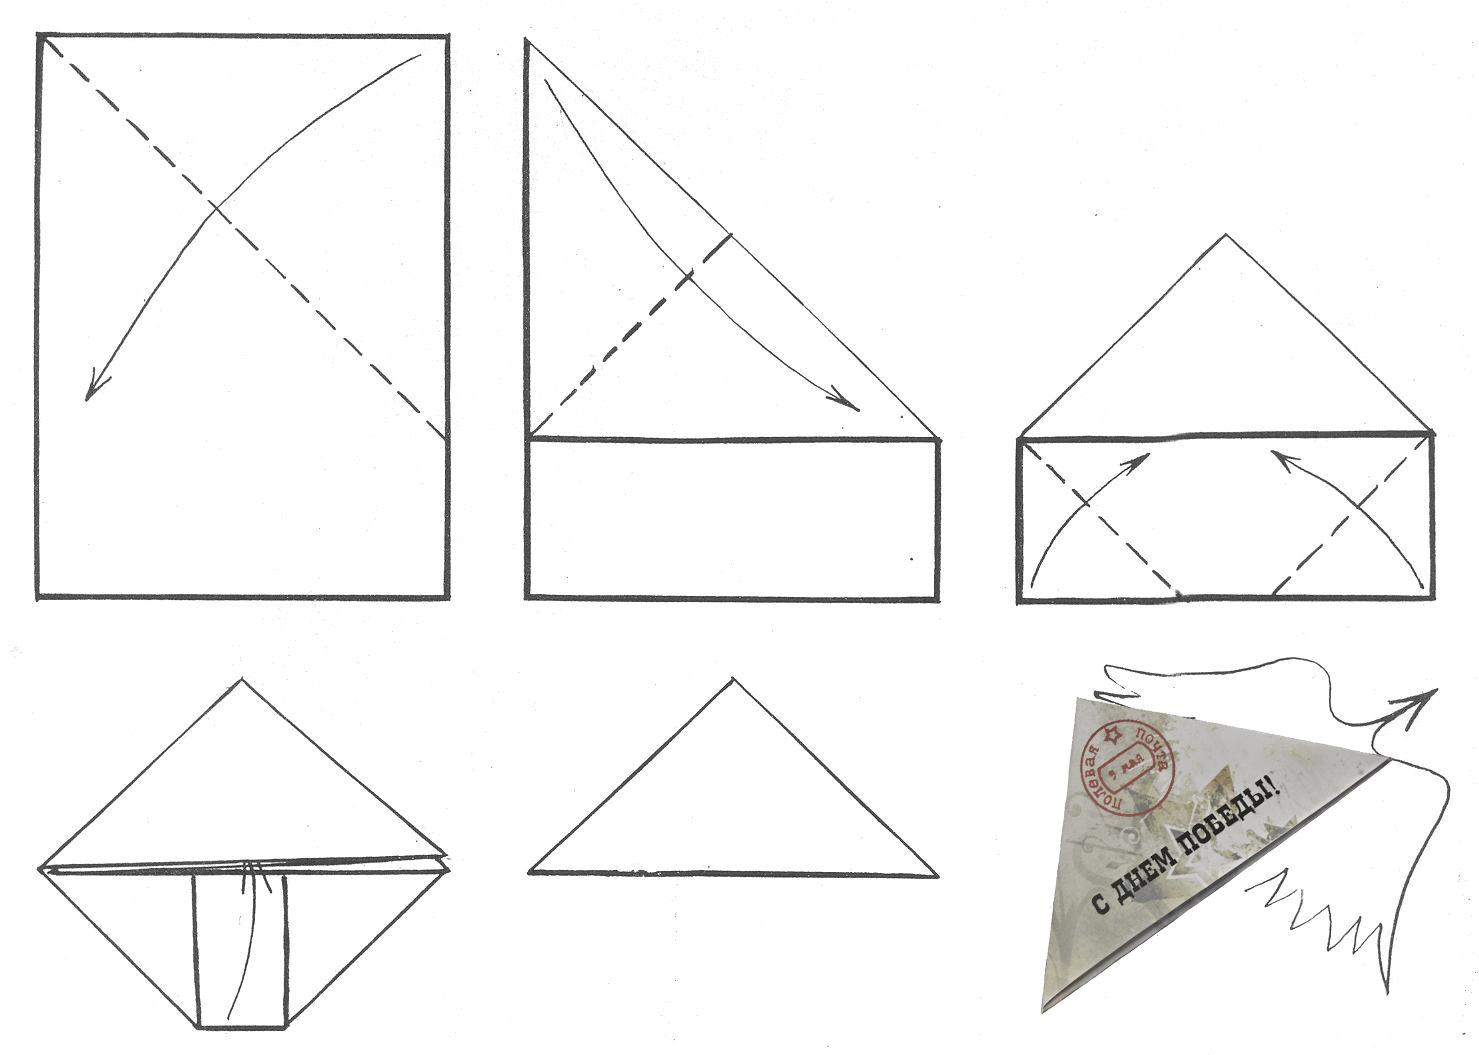 Как сделать картинку в письмо